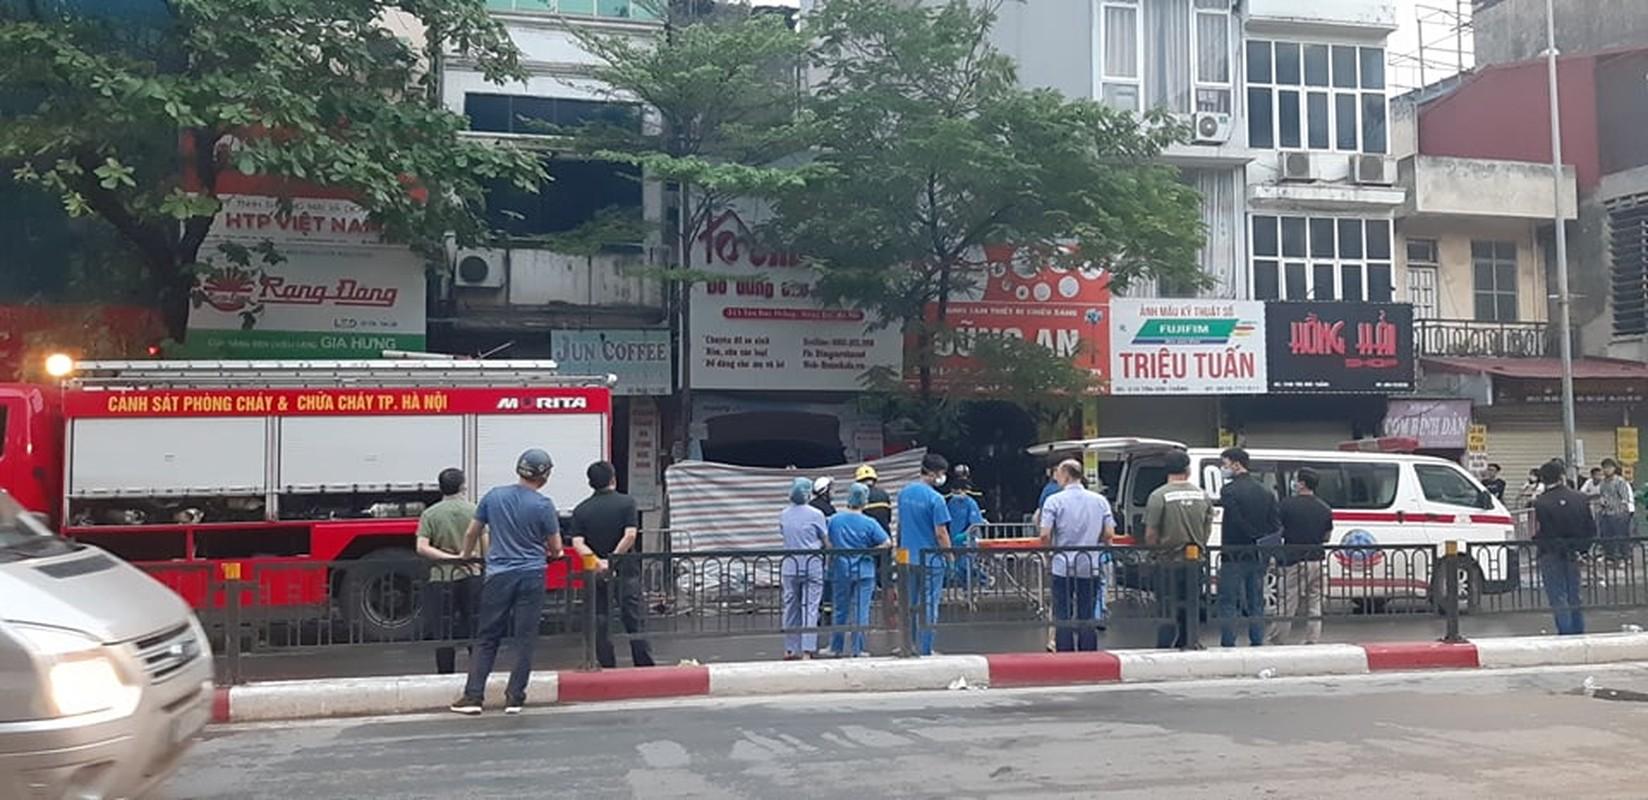 Chay lon cua hang do so sinh pho Ton Duc Thang-Hinh-5